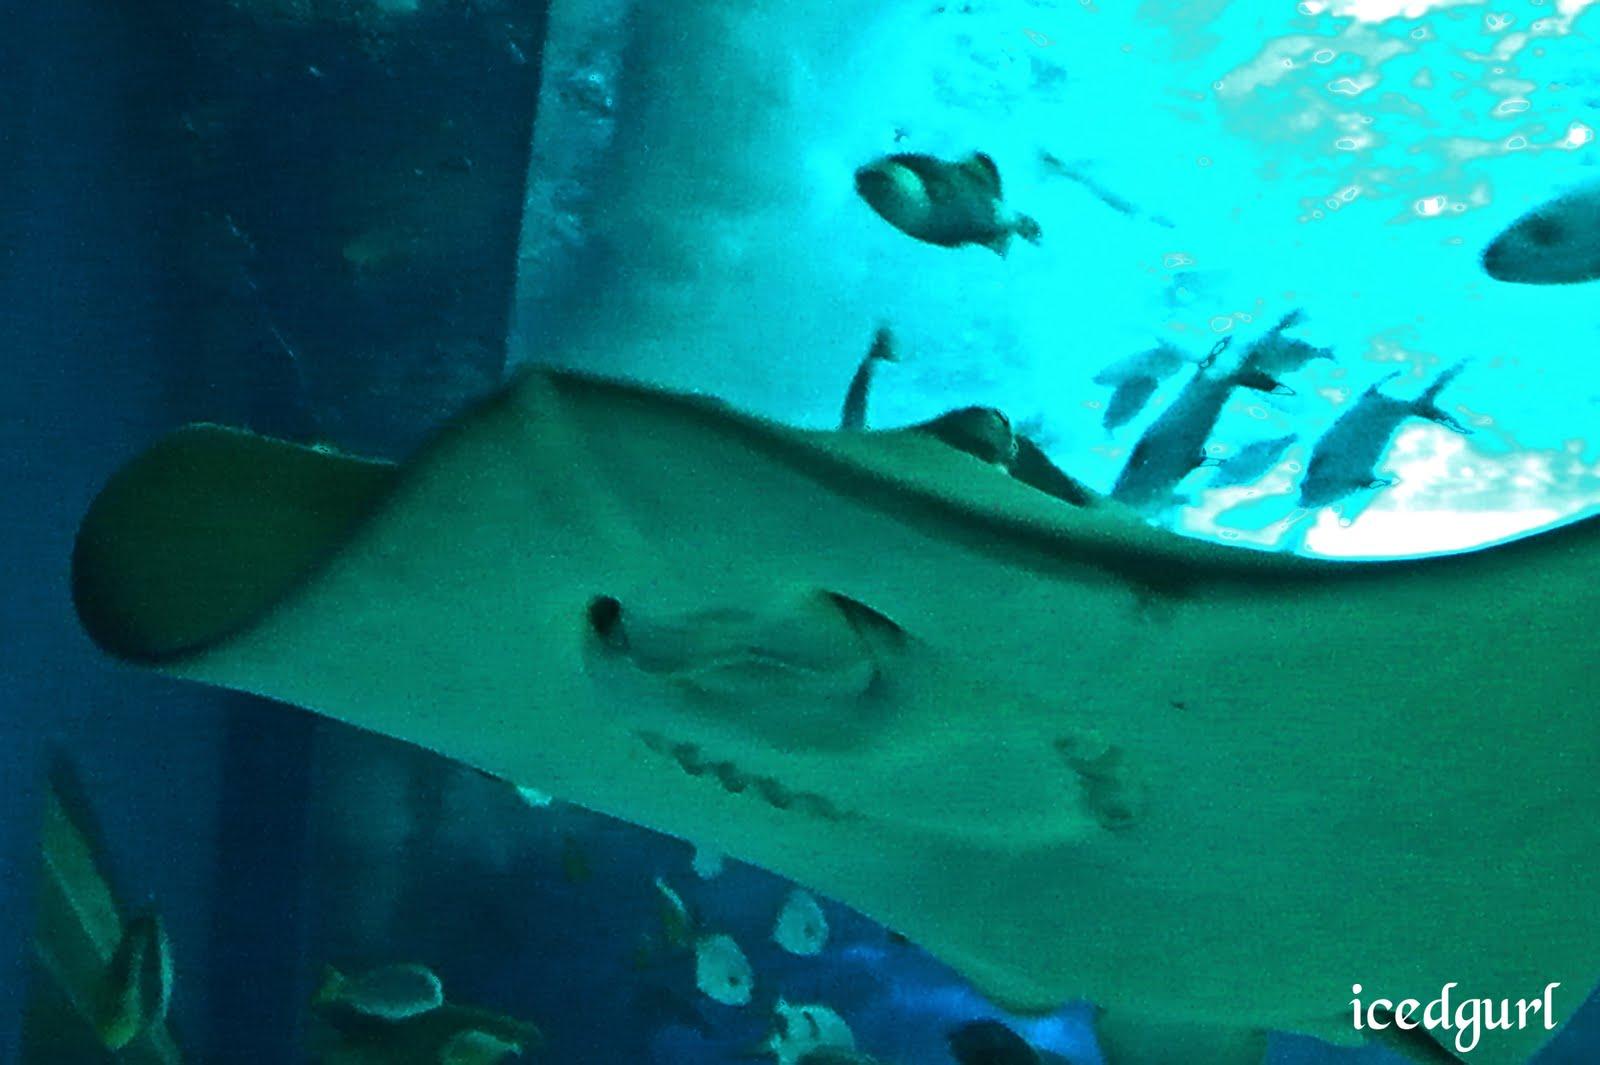 http://4.bp.blogspot.com/-P7tvPhQFhow/Tao4Ms6p__I/AAAAAAAAAfU/0TDqjC9jo-E/s1600/stingray.jpg